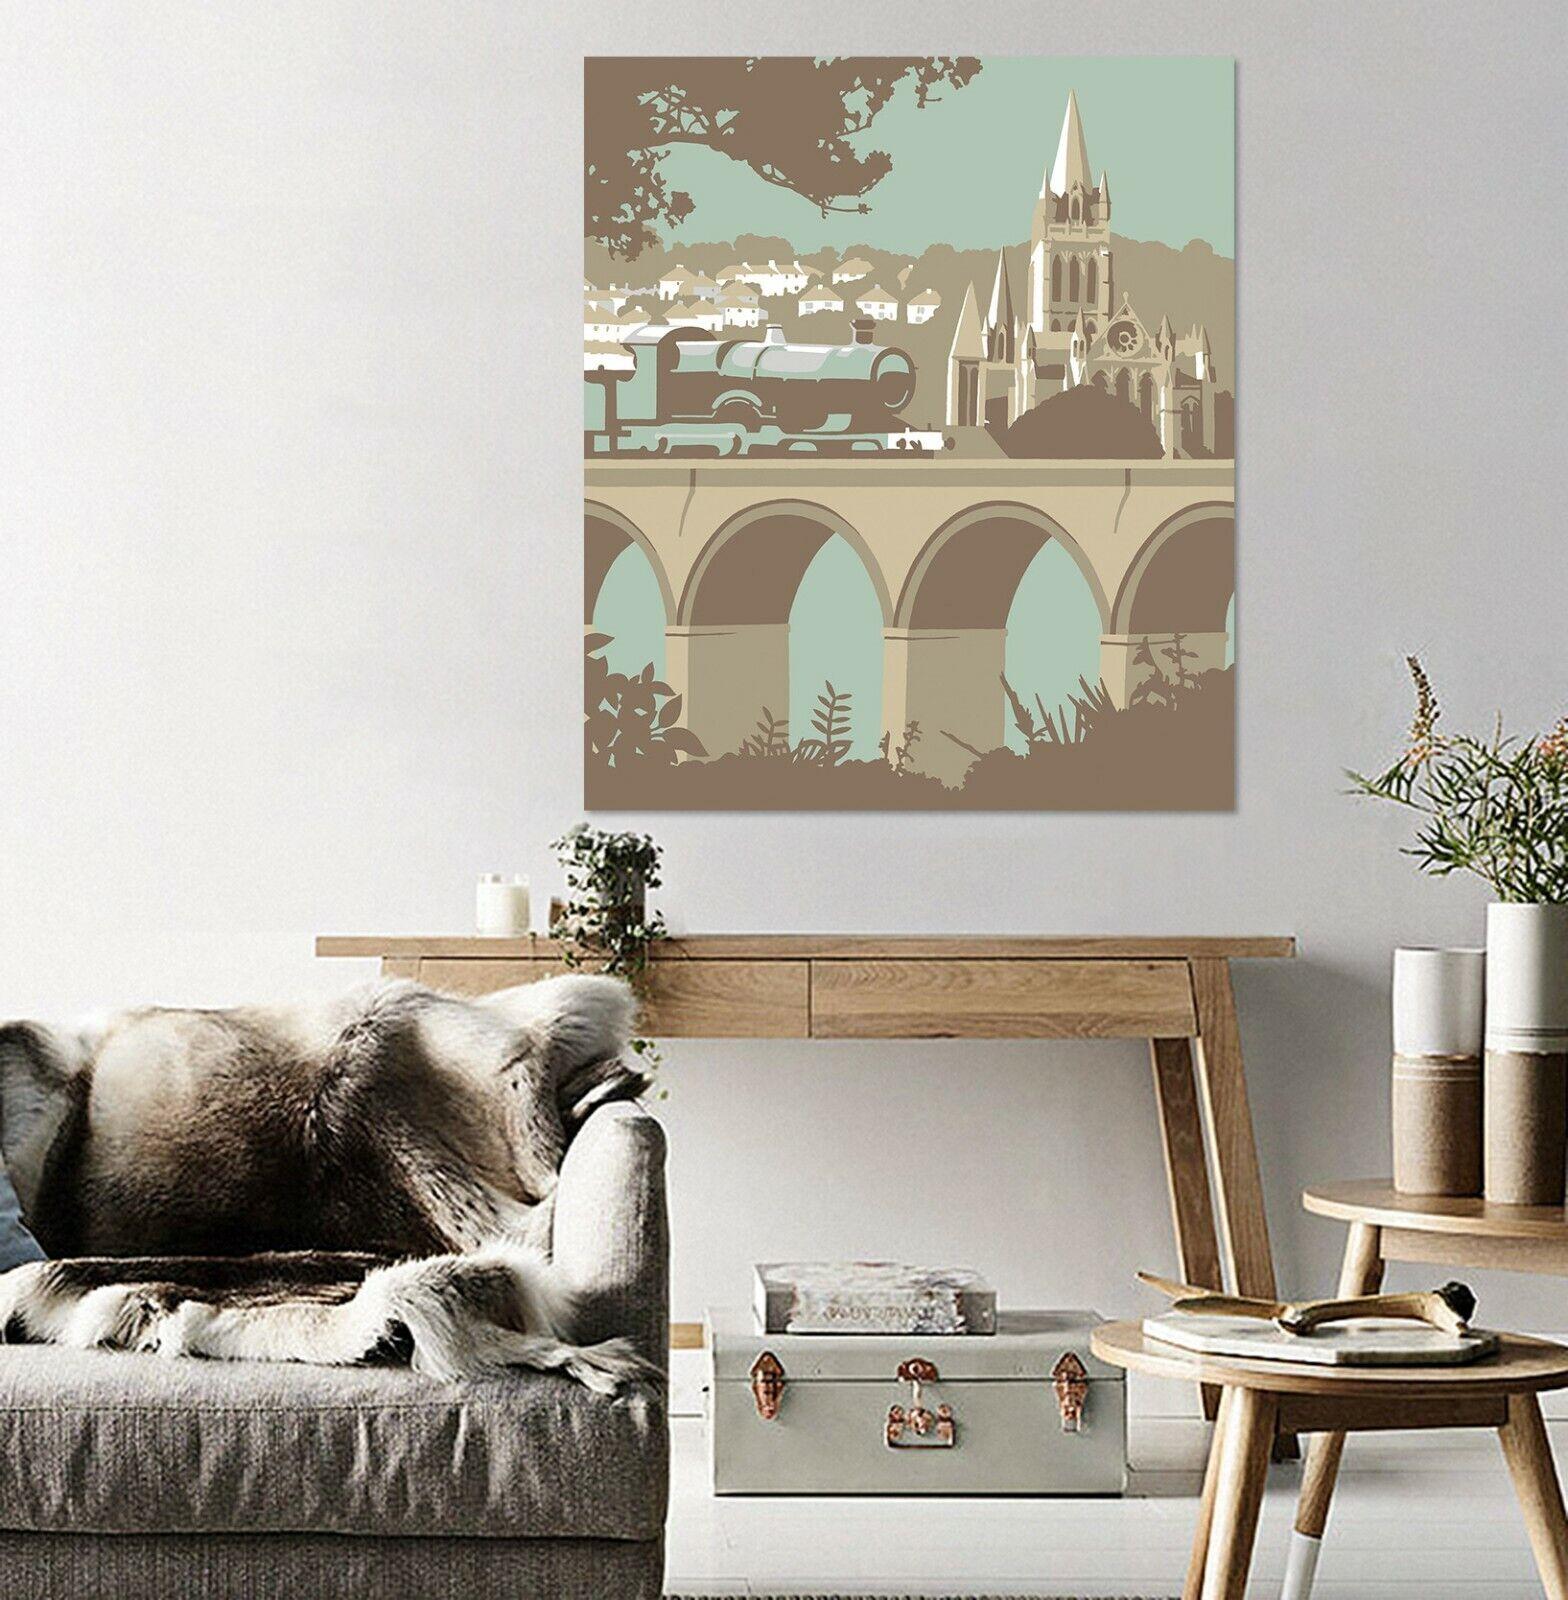 3D Bogenbrücke 63NAM Wandaufkleber Wandtattoo Tapeten Wandbild Steve Read Ava